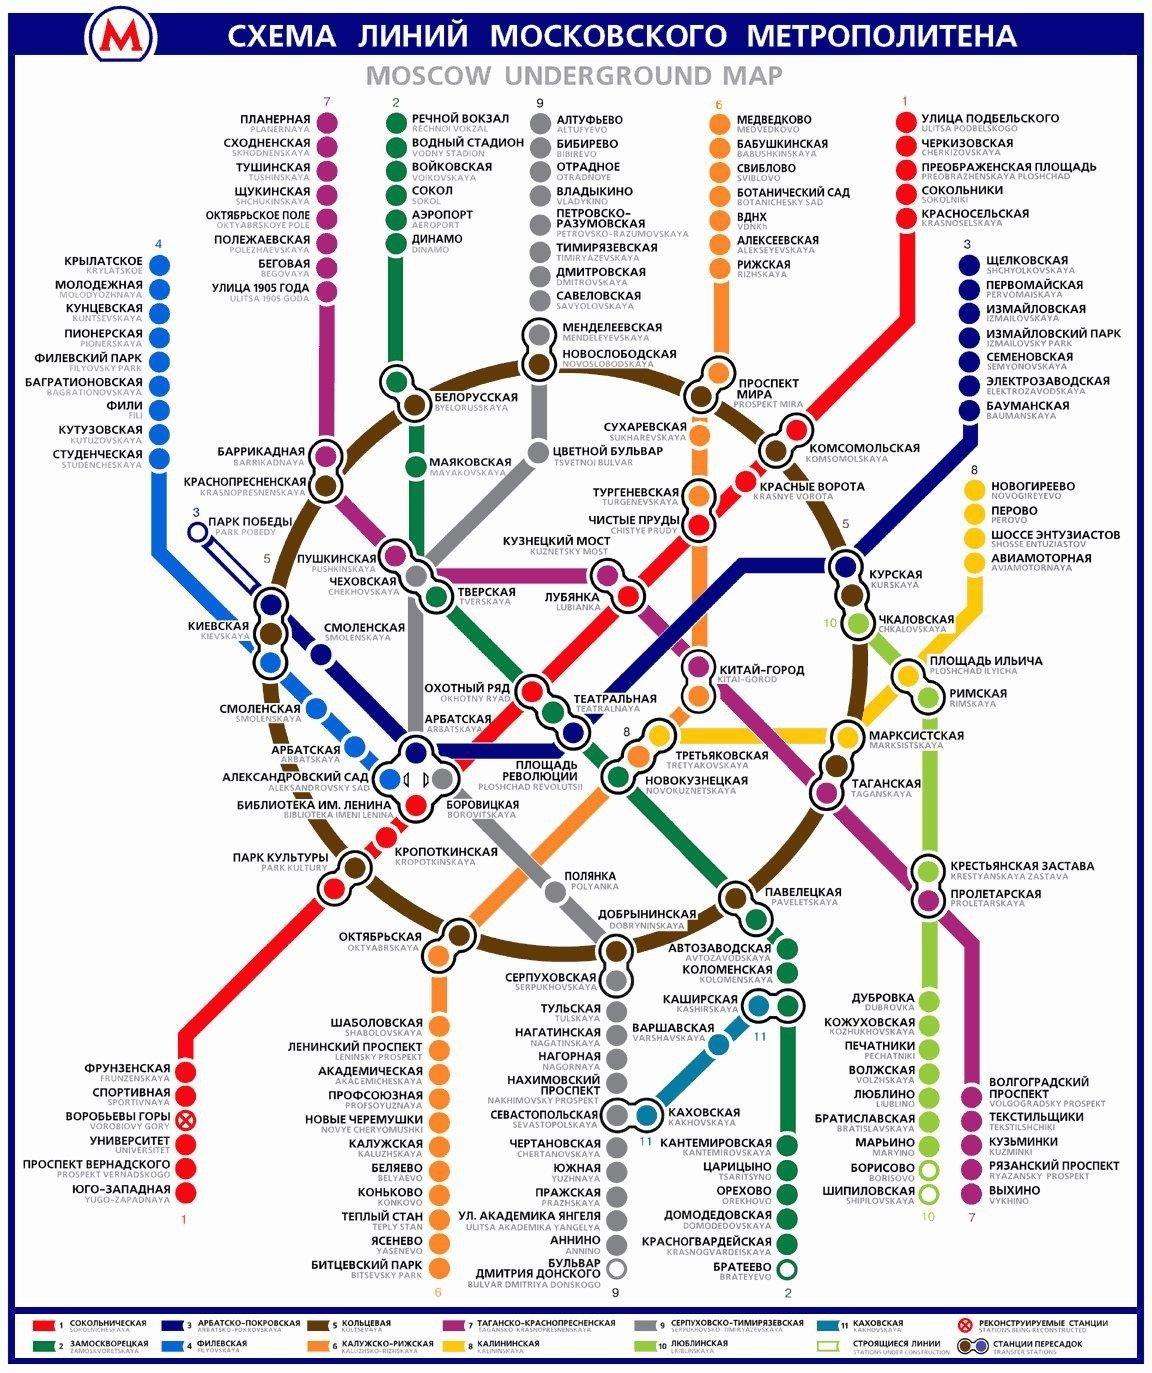 Севастопольская станция метро на схеме